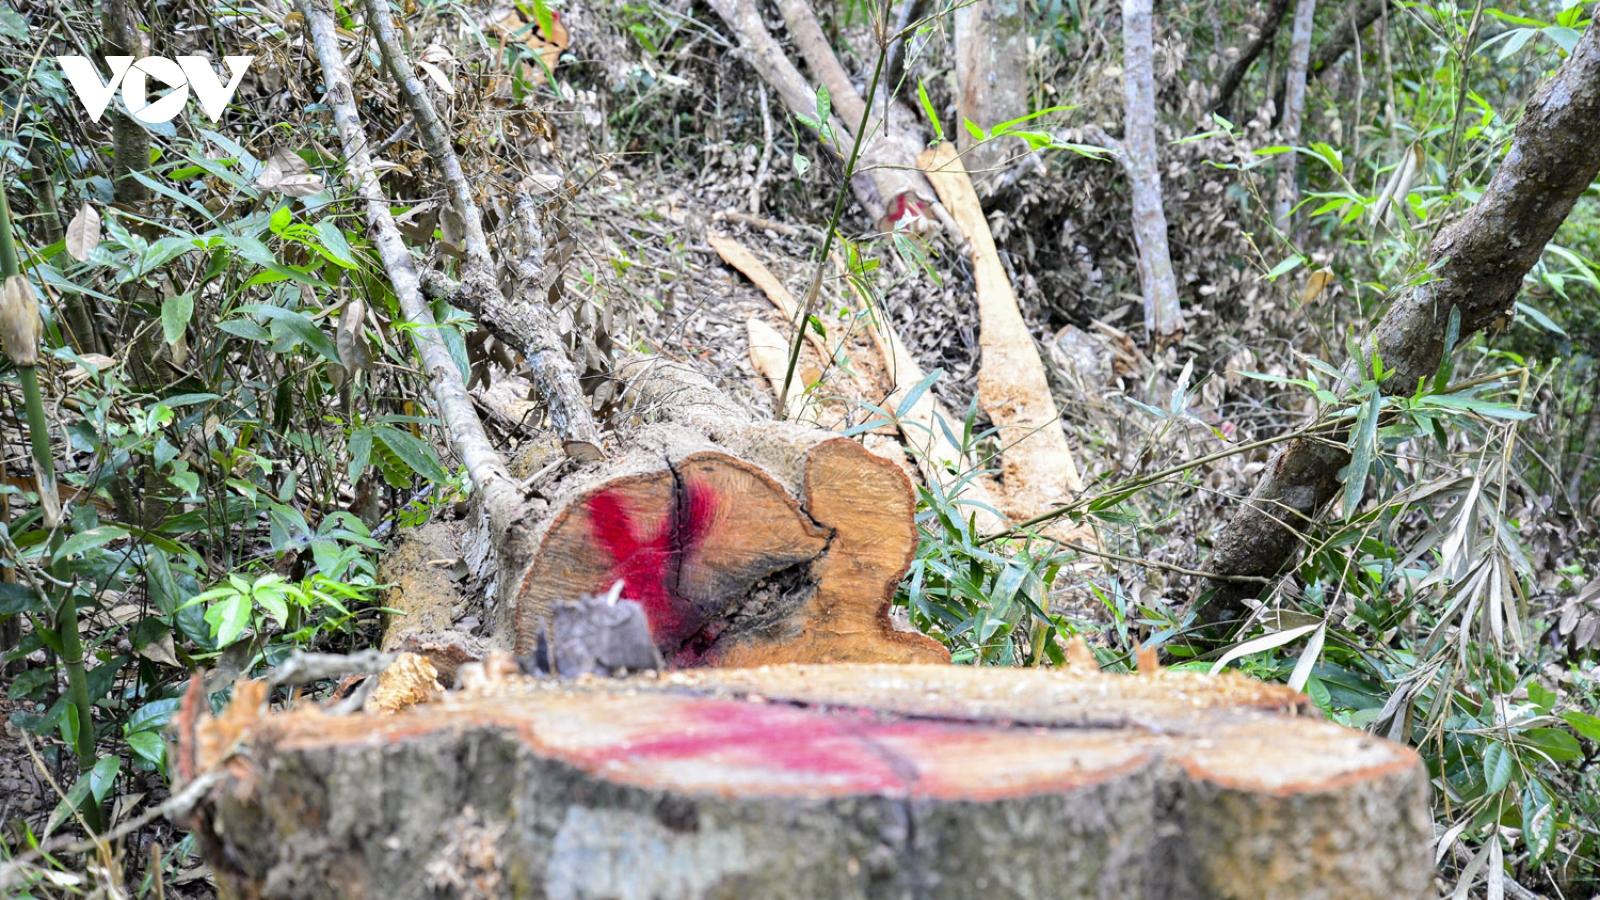 Chỉ đạo làm rõ phản ánh của báo chí về việc phá rừng đặc dụng Mường Phăng